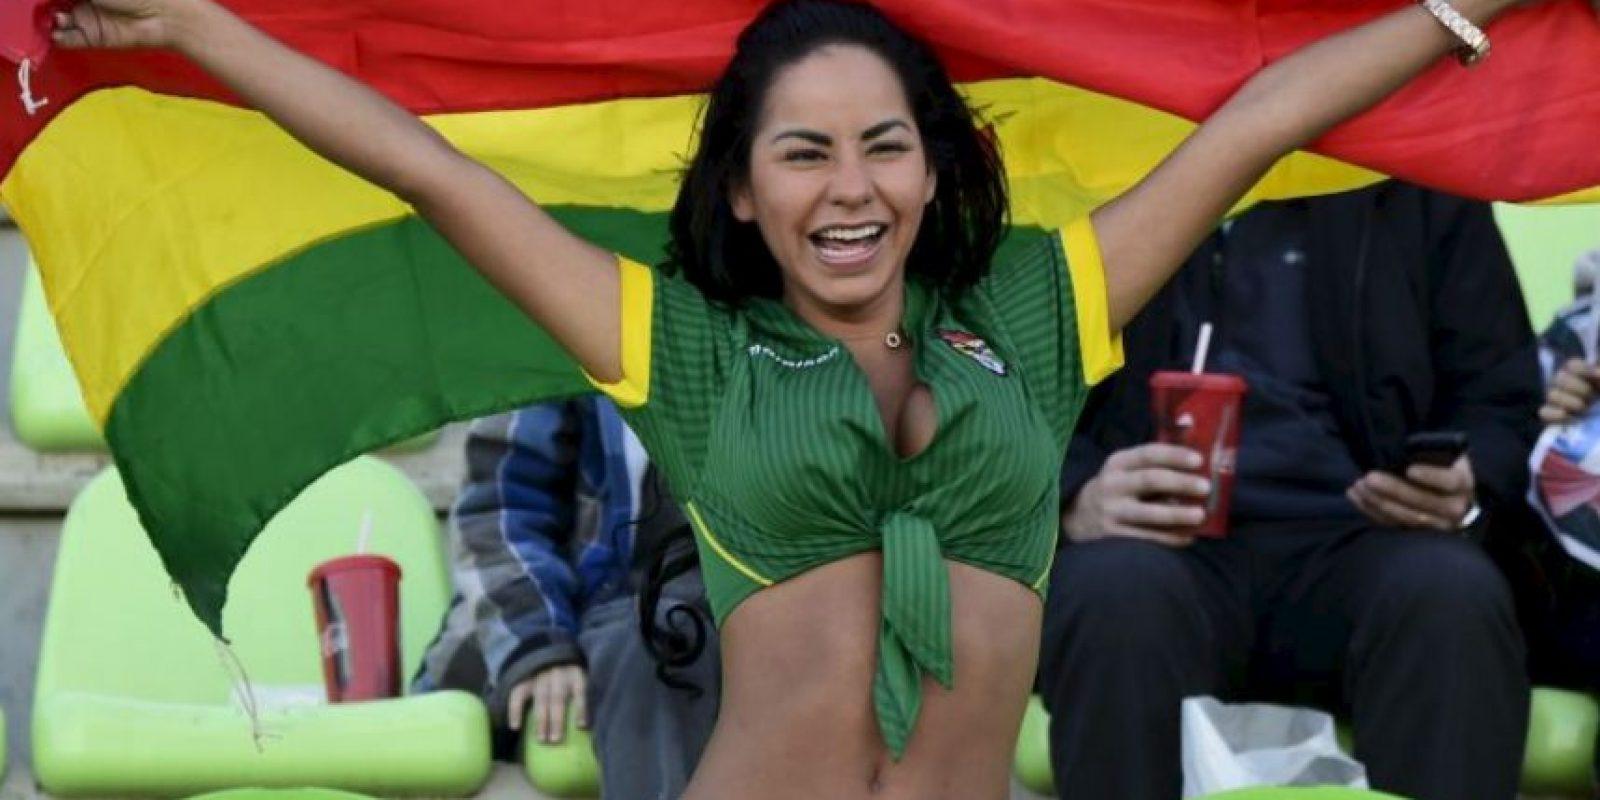 Tiene 19 años Foto:instagram.com/maiteflores395